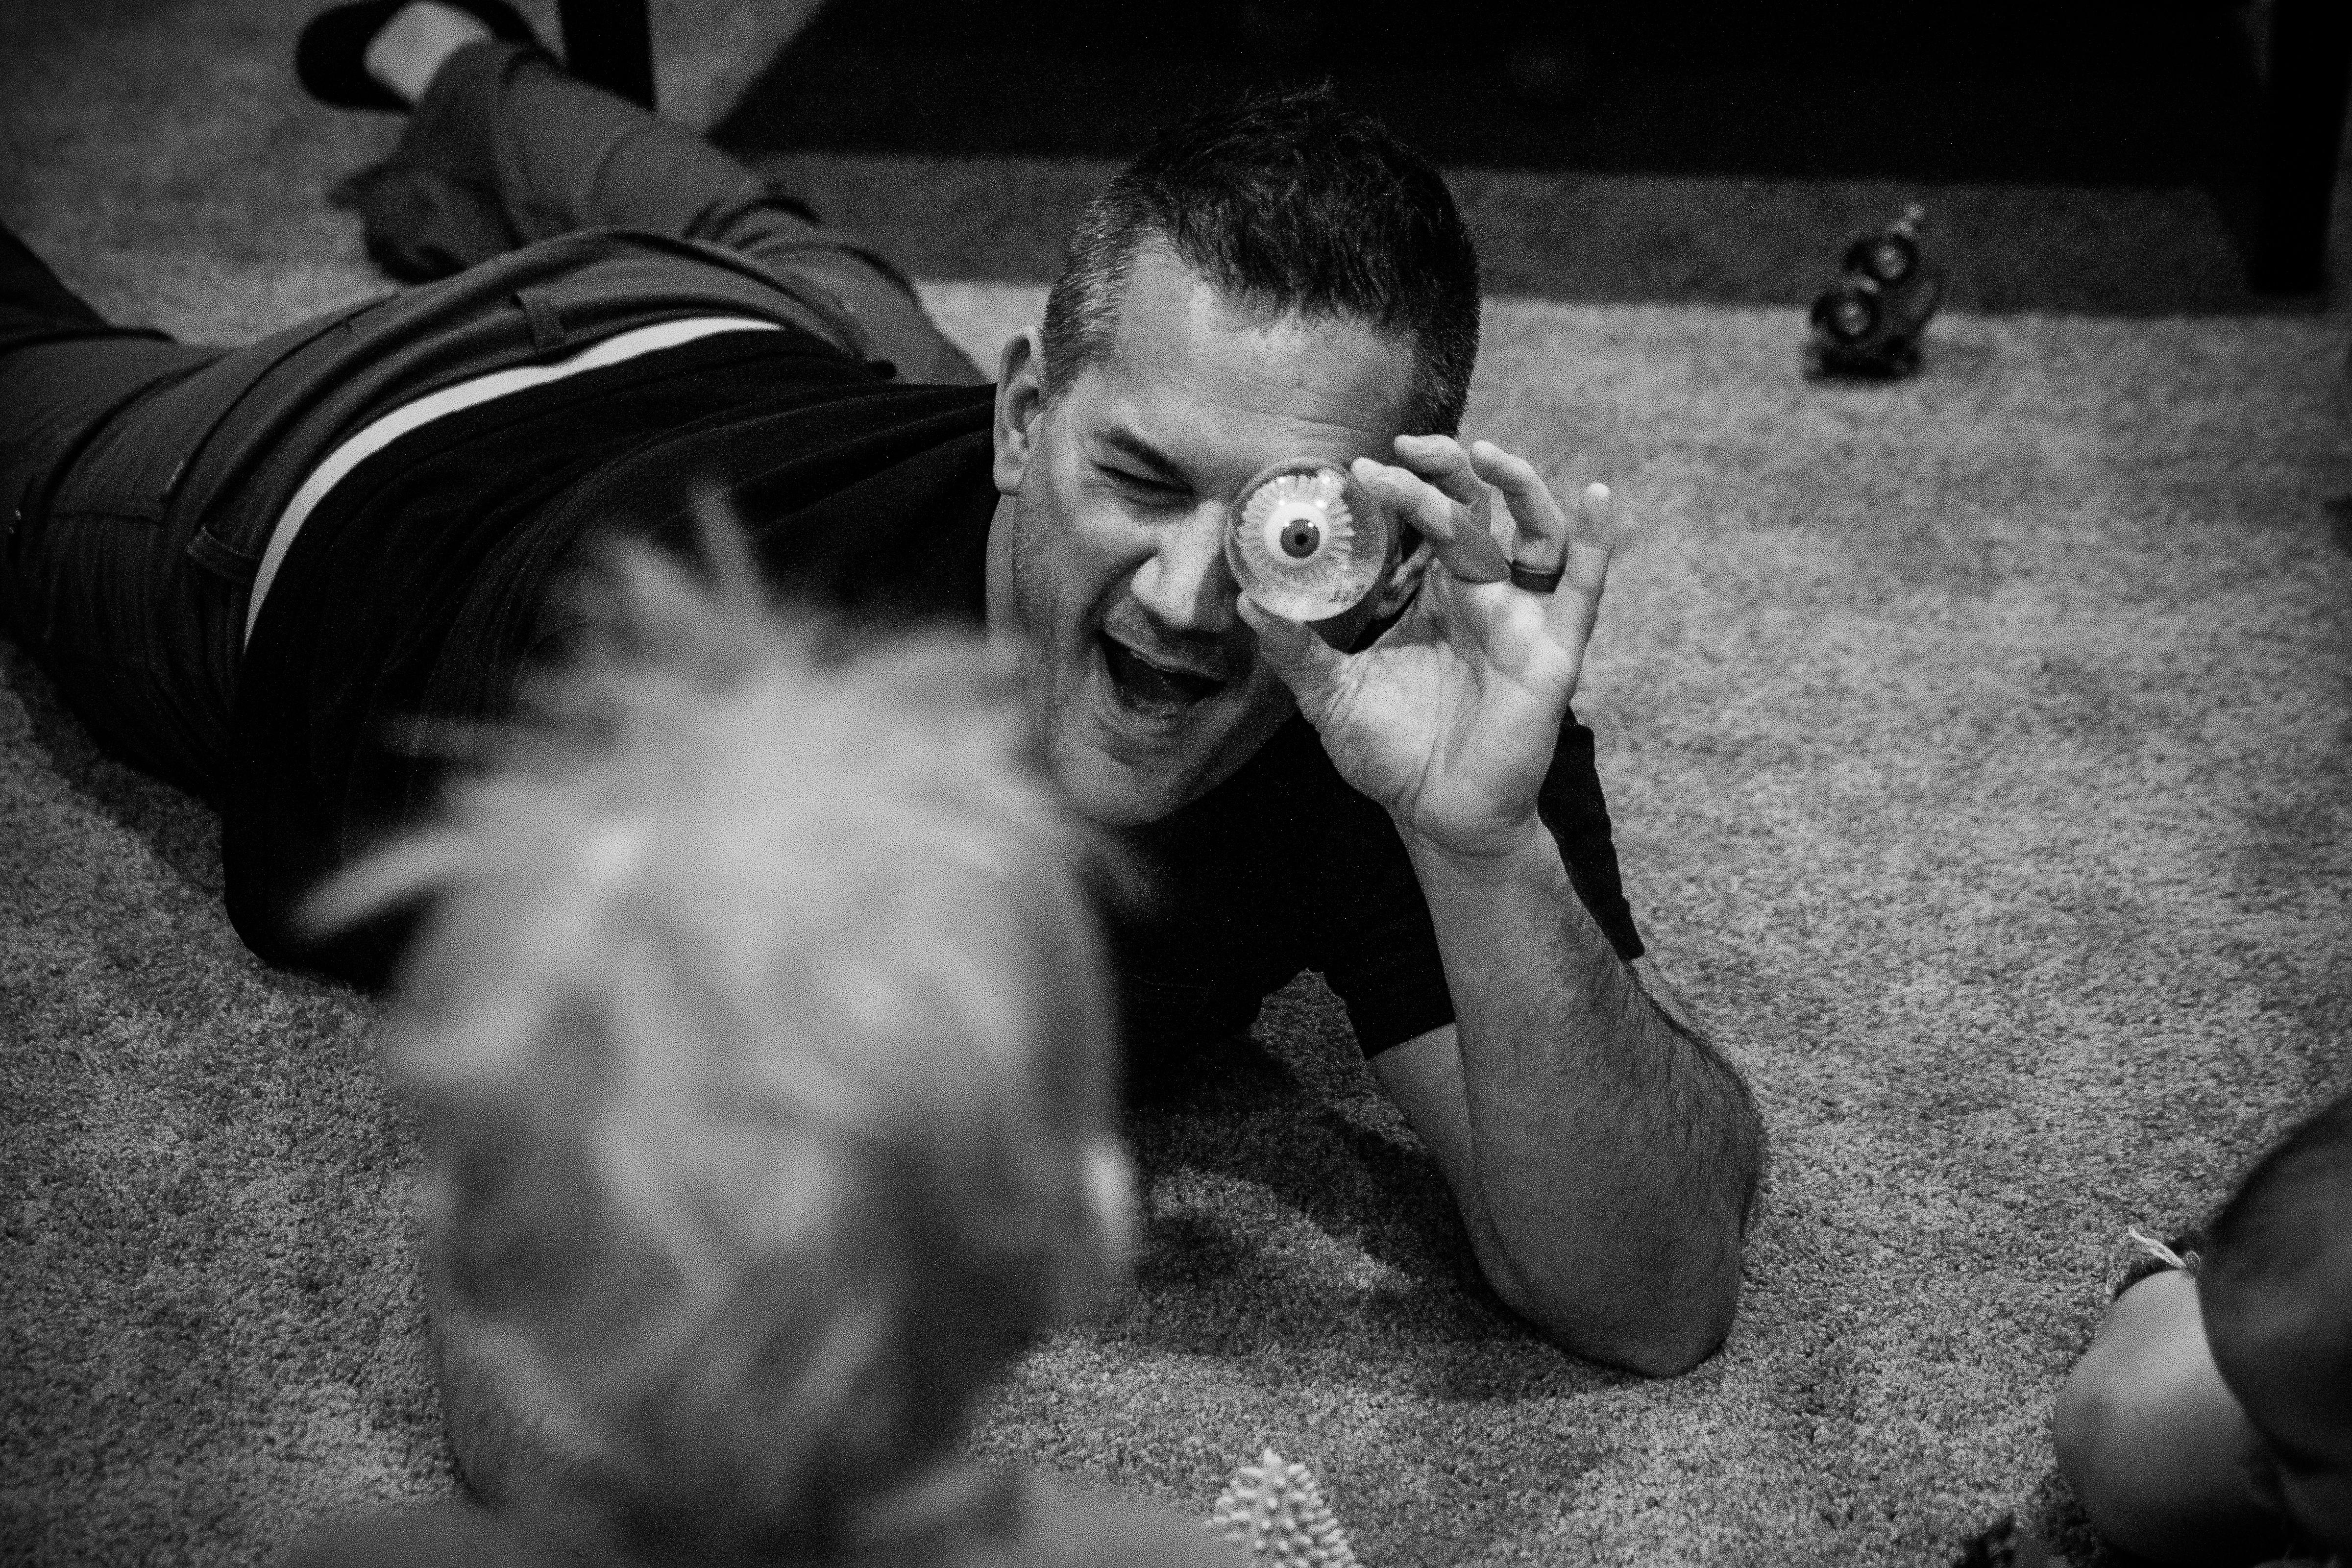 Dad looks at toddler with fake eye